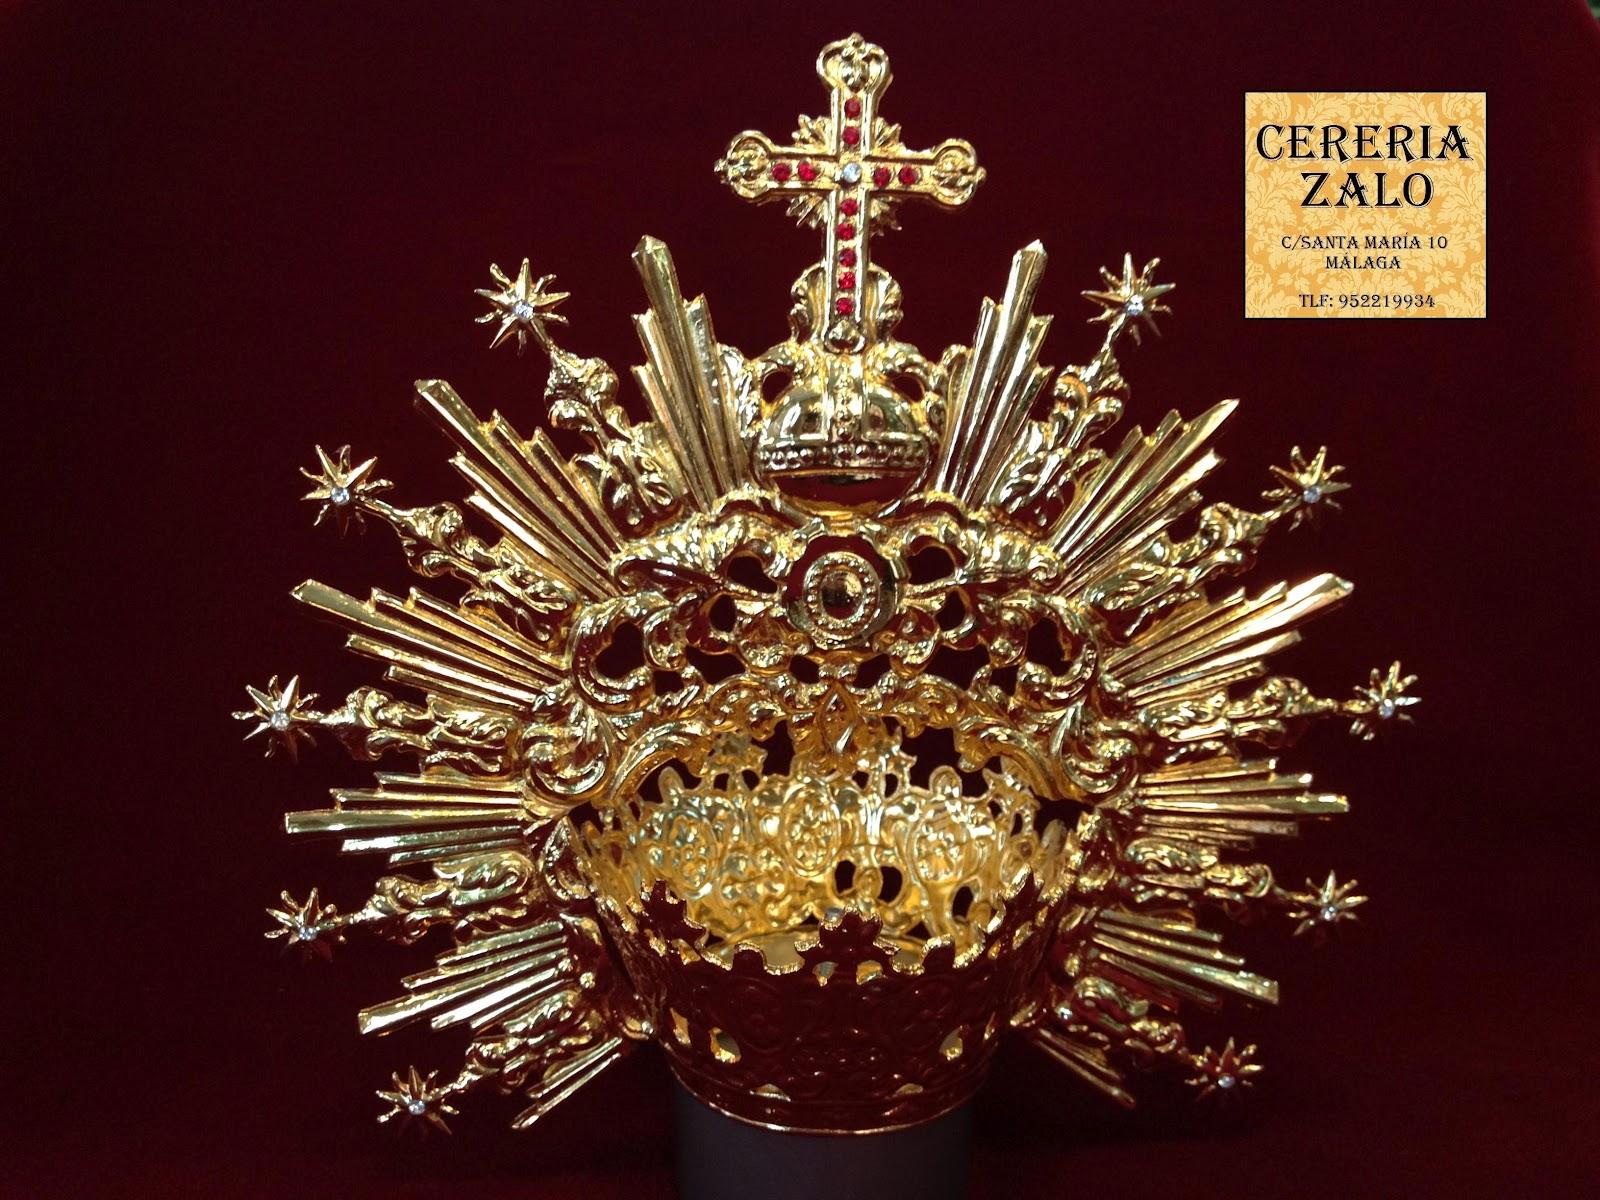 Cerer a zalo malaga nuevos modelos de coronas - Modelos de coronas ...